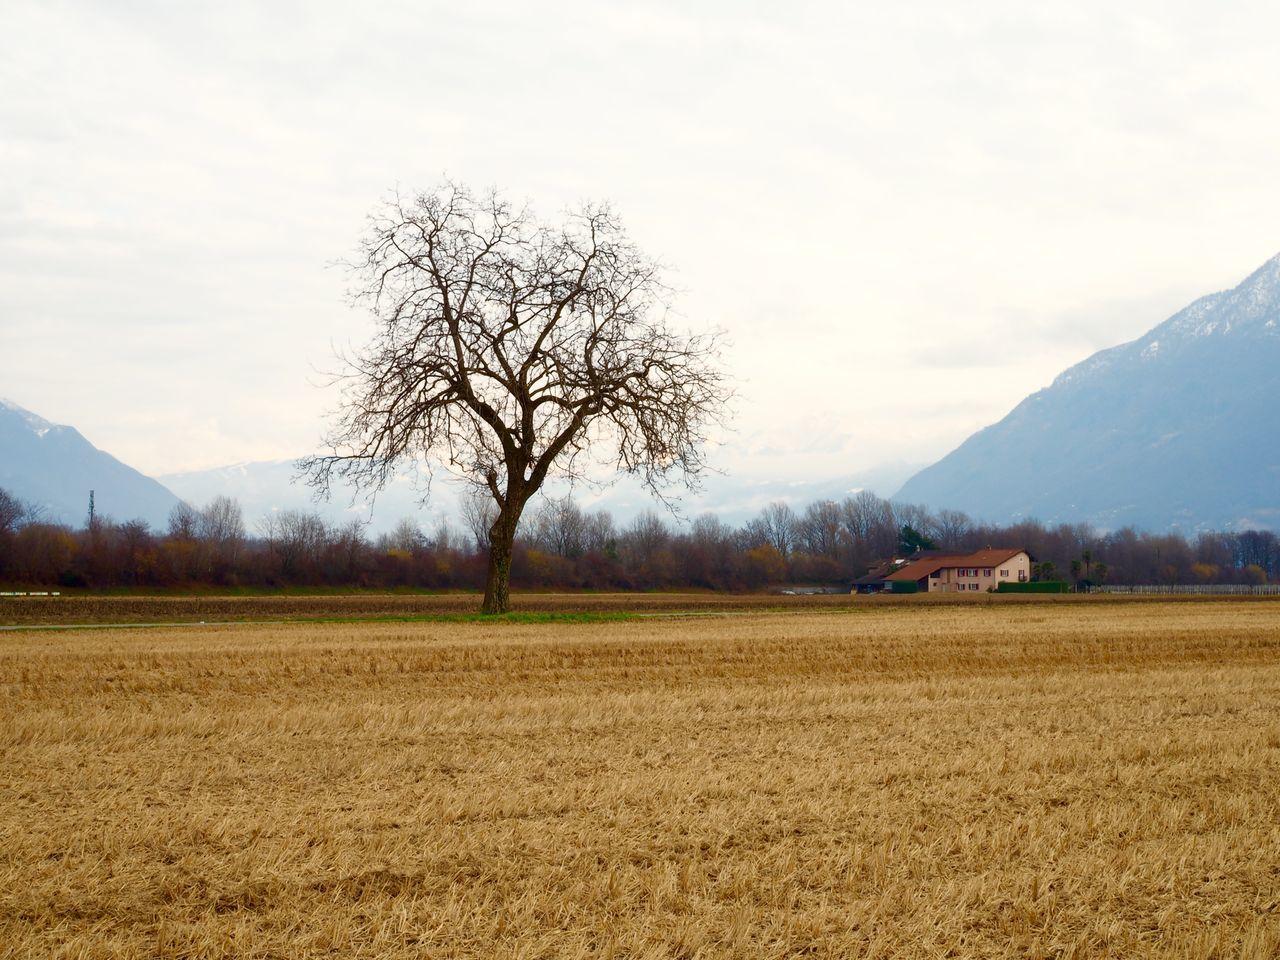 Day Farm Field Mountains No People Tree Wheat Wheat Field Winter